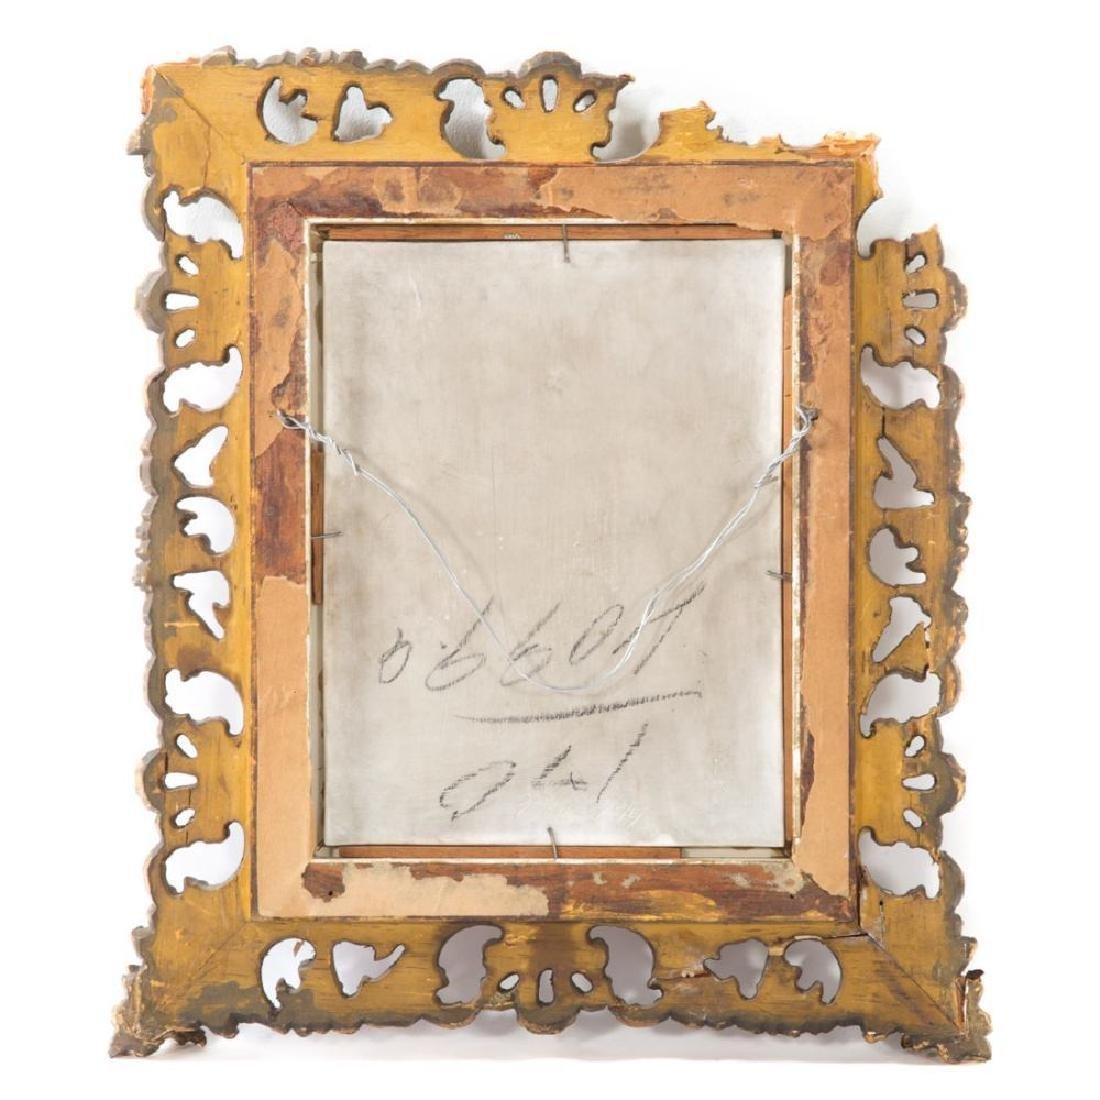 19Th Century Kpm Porcelain Plaque - 5